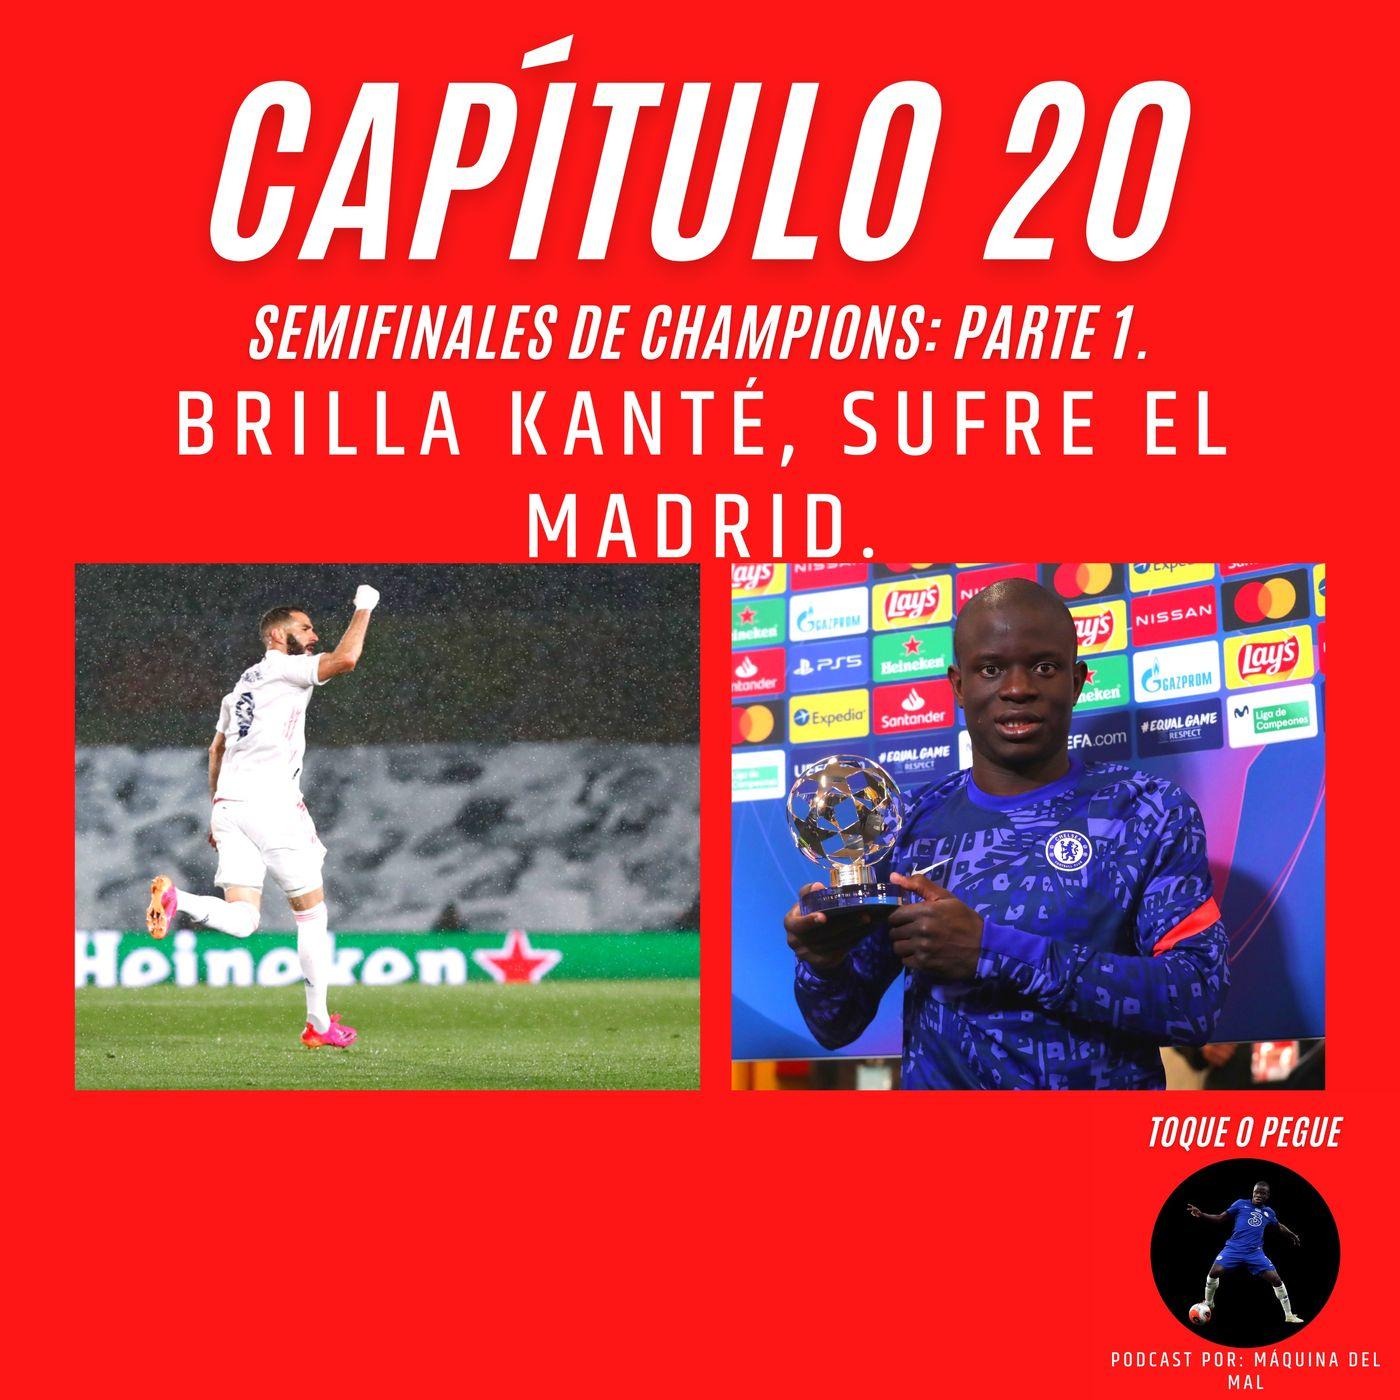 Capítulo 20: Brilla Kanté, sufre el Madrid